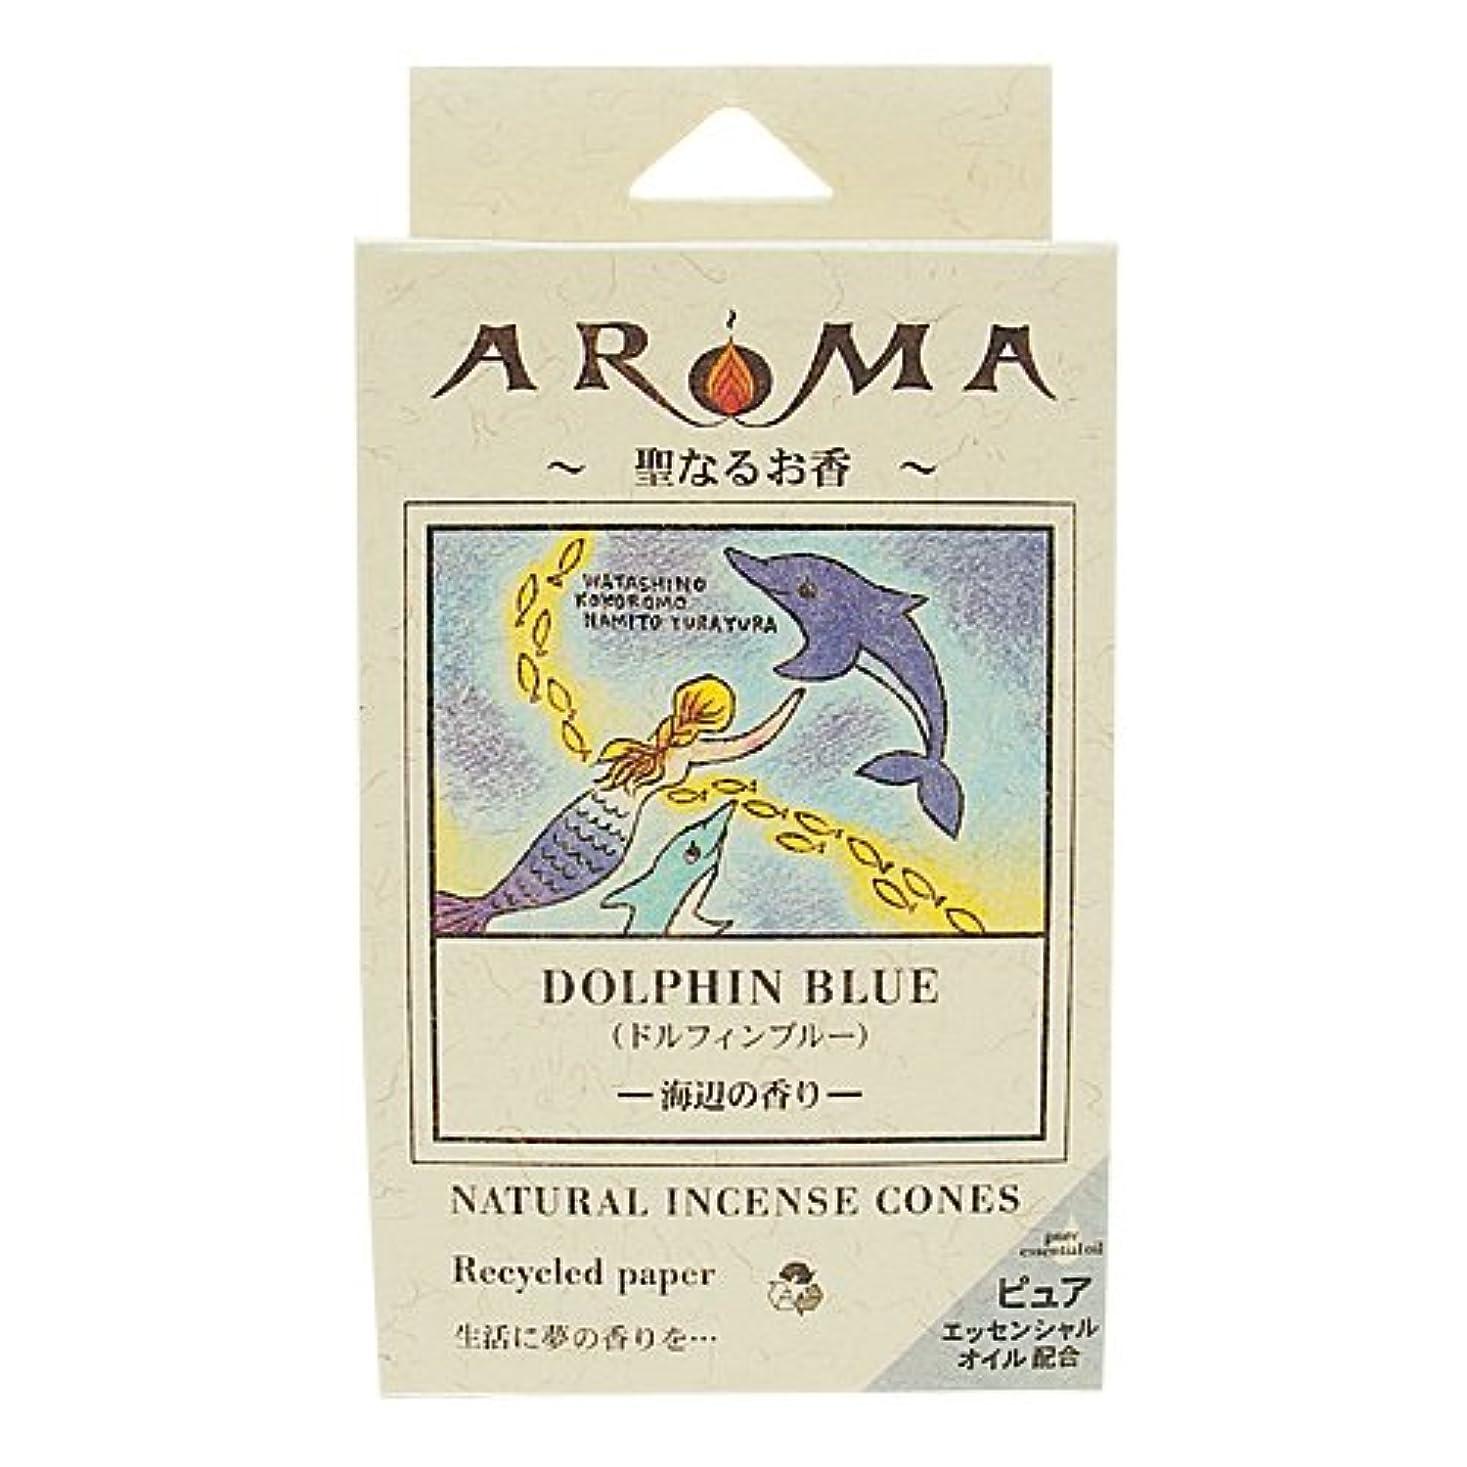 非効率的な合成インディカアロマ香 ドルフィンブルー 16粒(コーンタイプインセンス 1粒の燃焼時間約20分 海辺の香り)